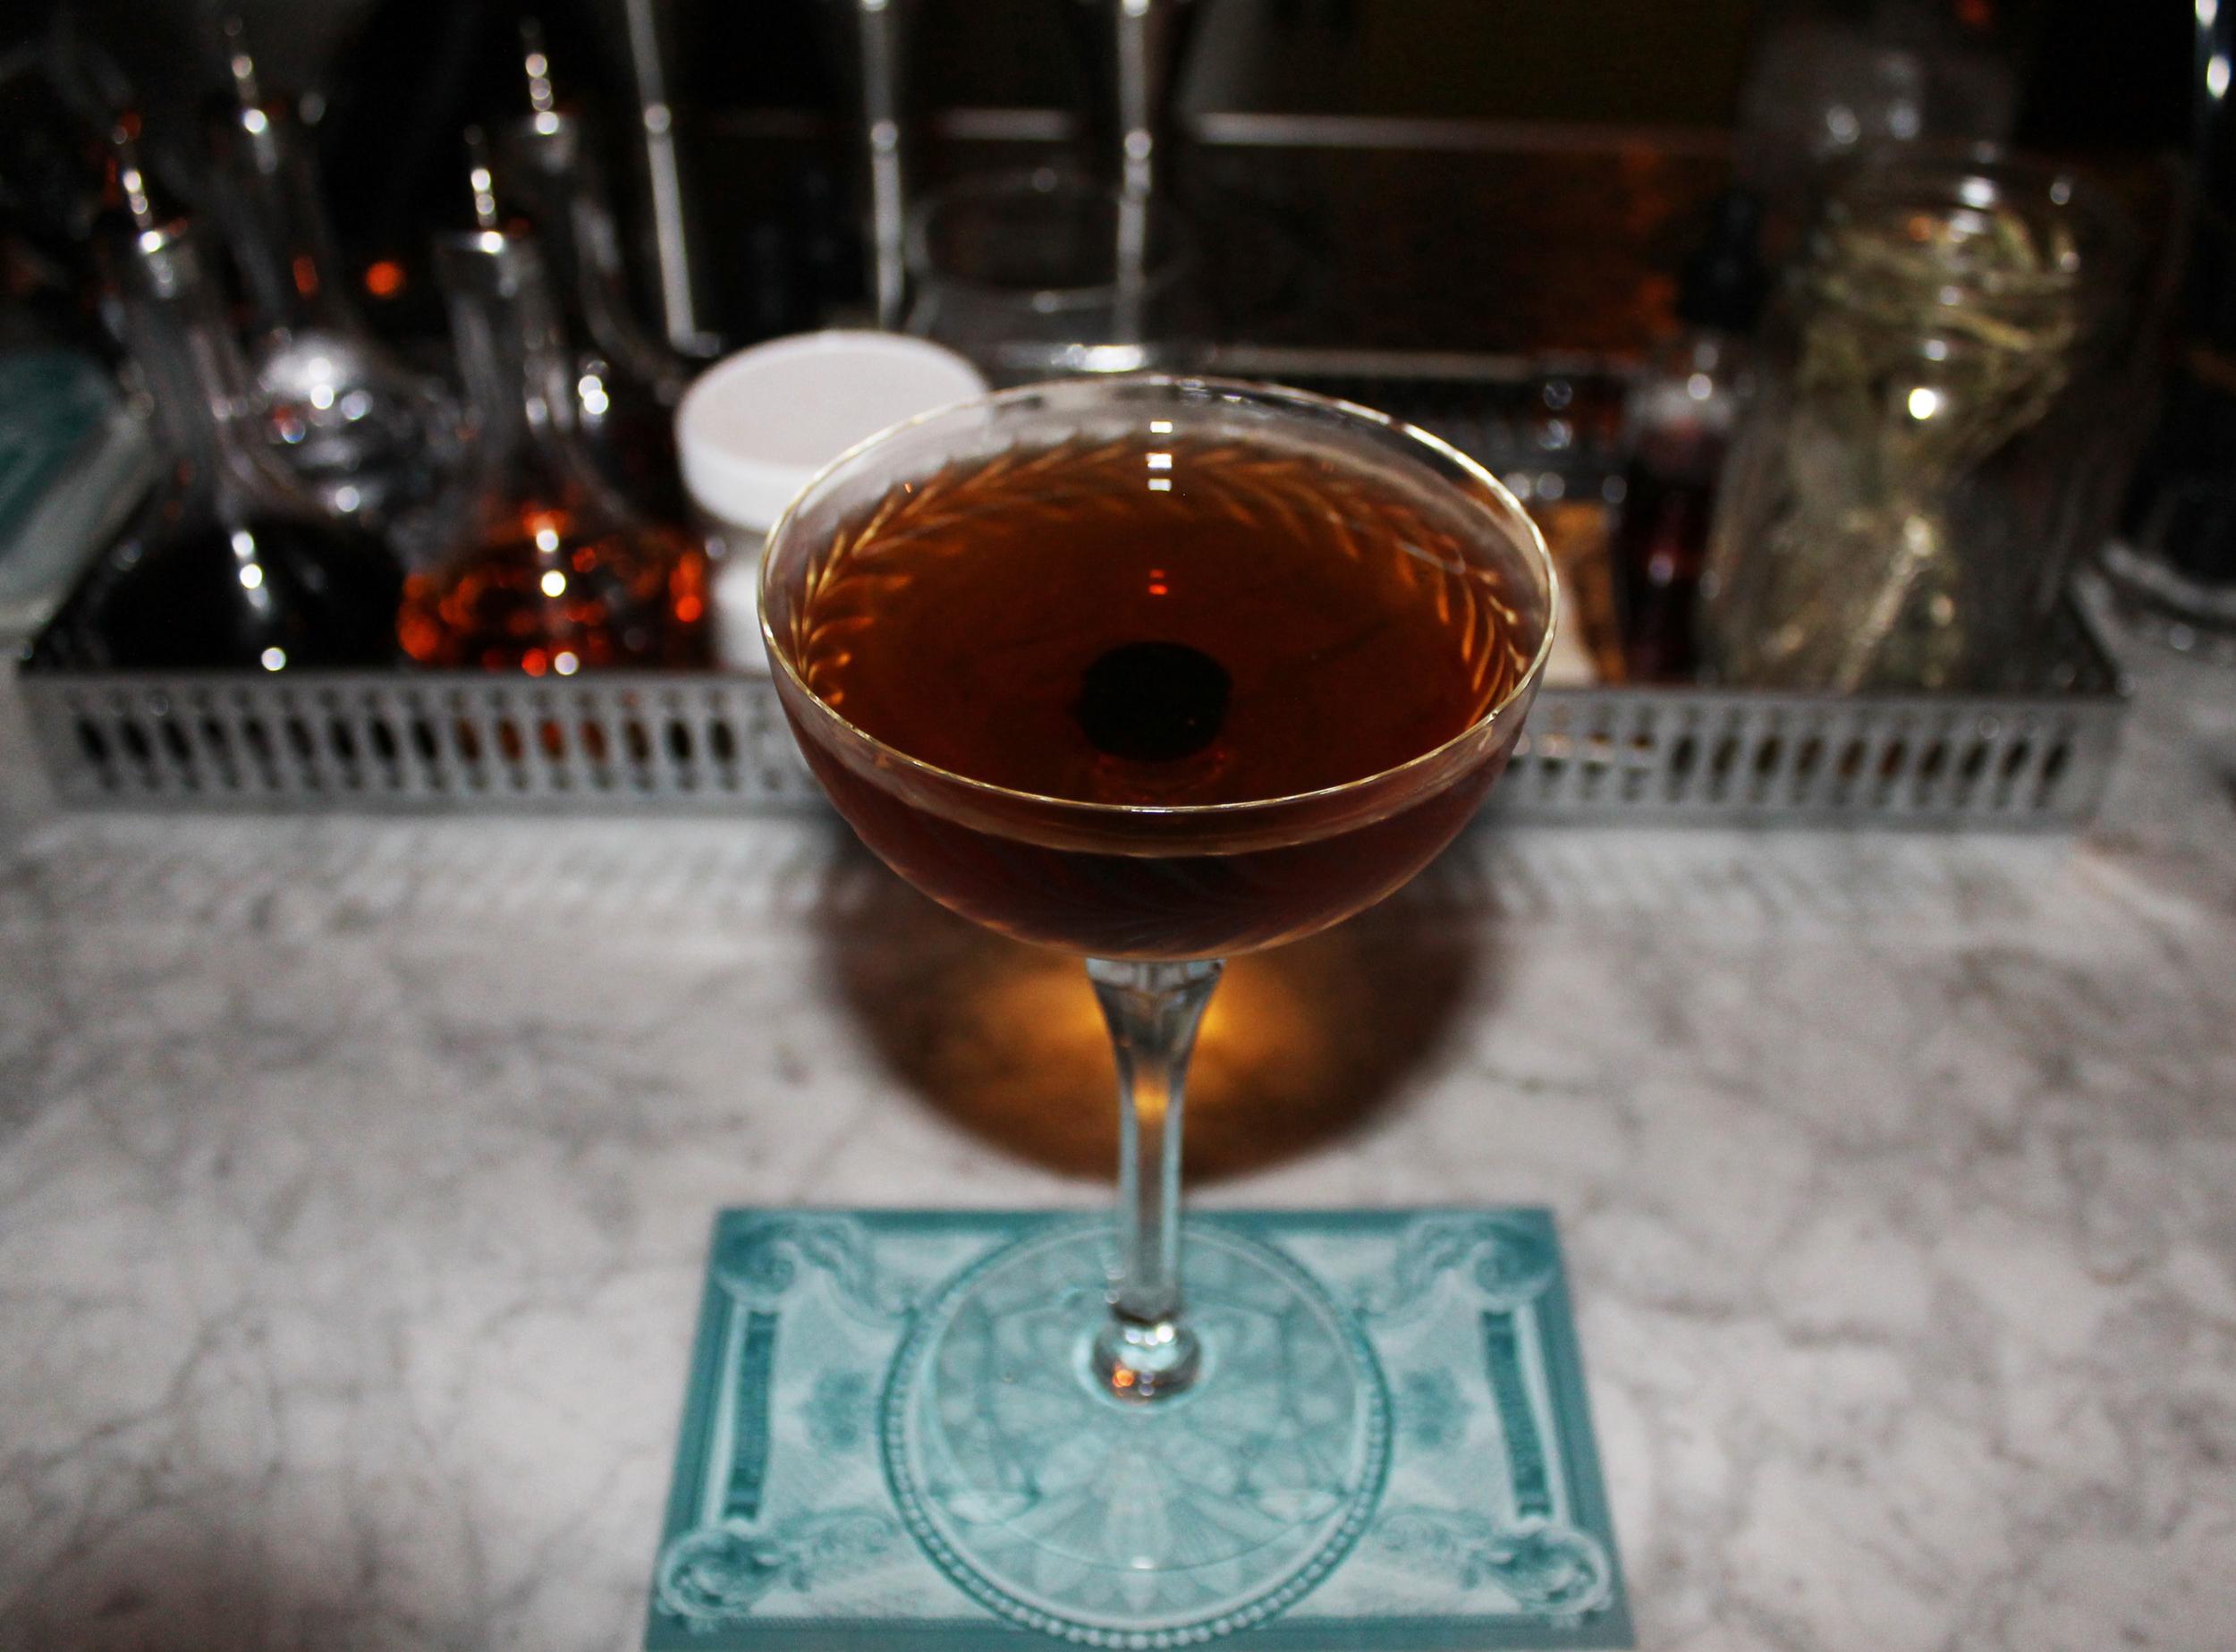 The Departed: Powers John Lane 12 Yr Irish Whiskey, Bonal Gentiane, Cardamaro